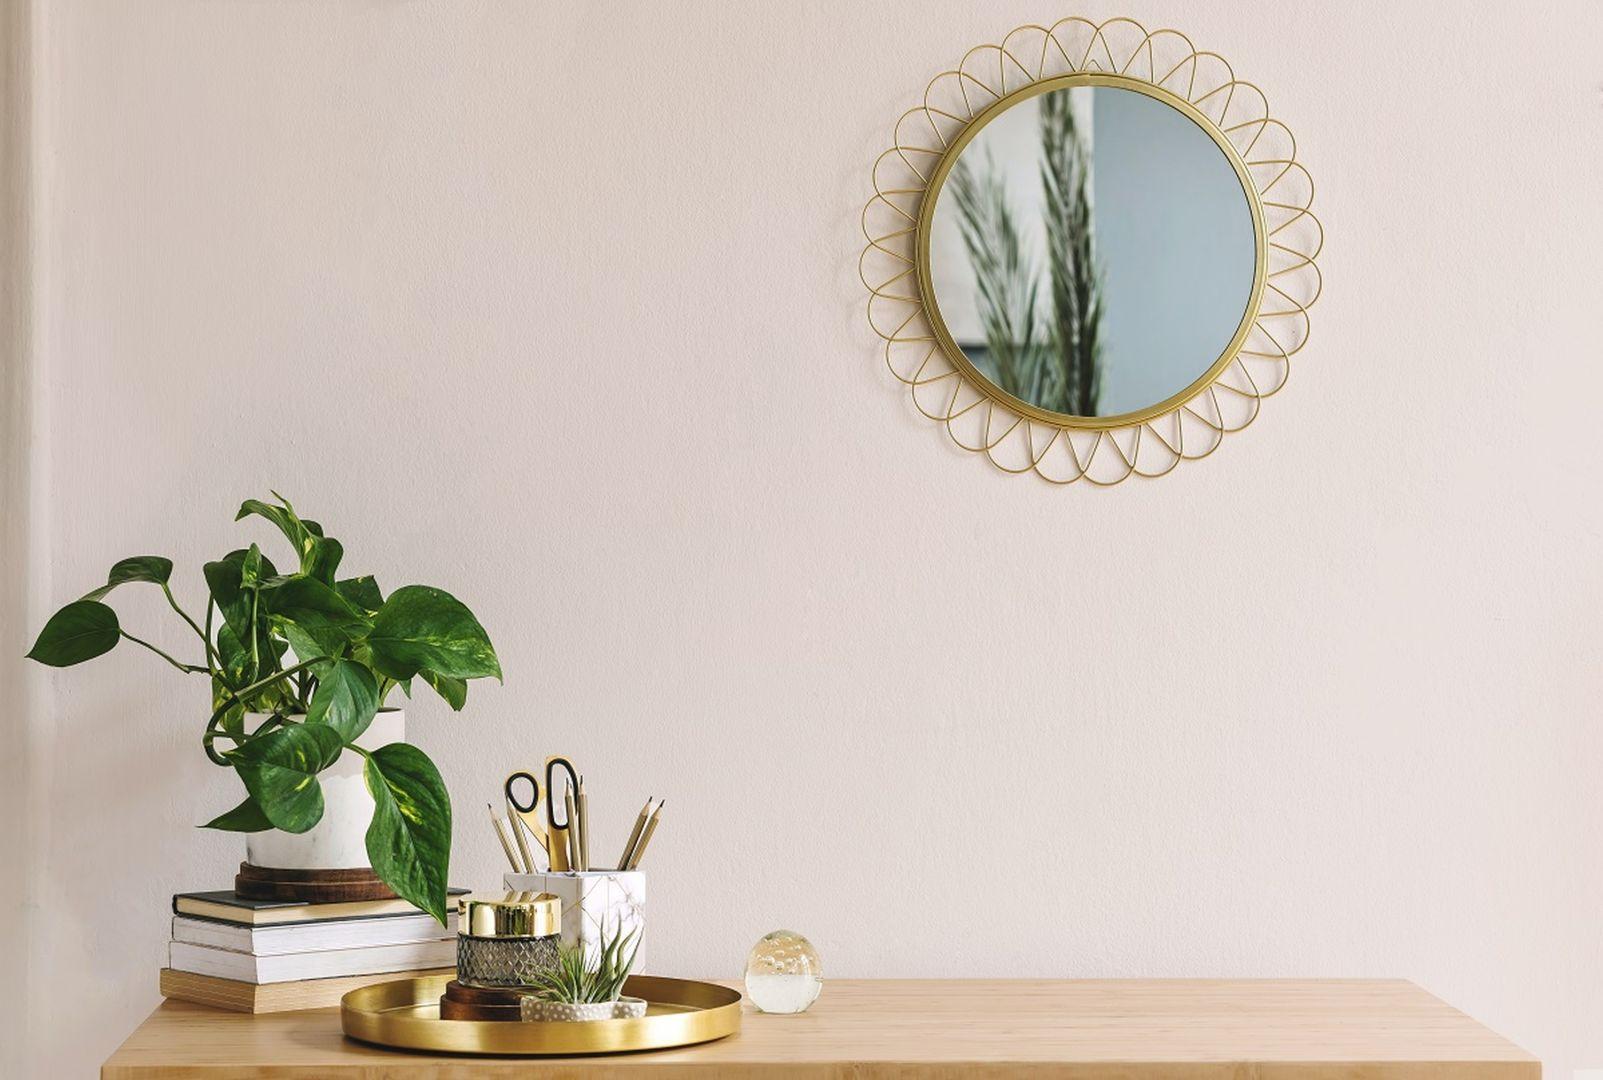 Dekoracje będą wyjątkowo pięknie prezentować się na tle ciepłego odcienia ściany Warm. Fot. Beckers Designer Collection